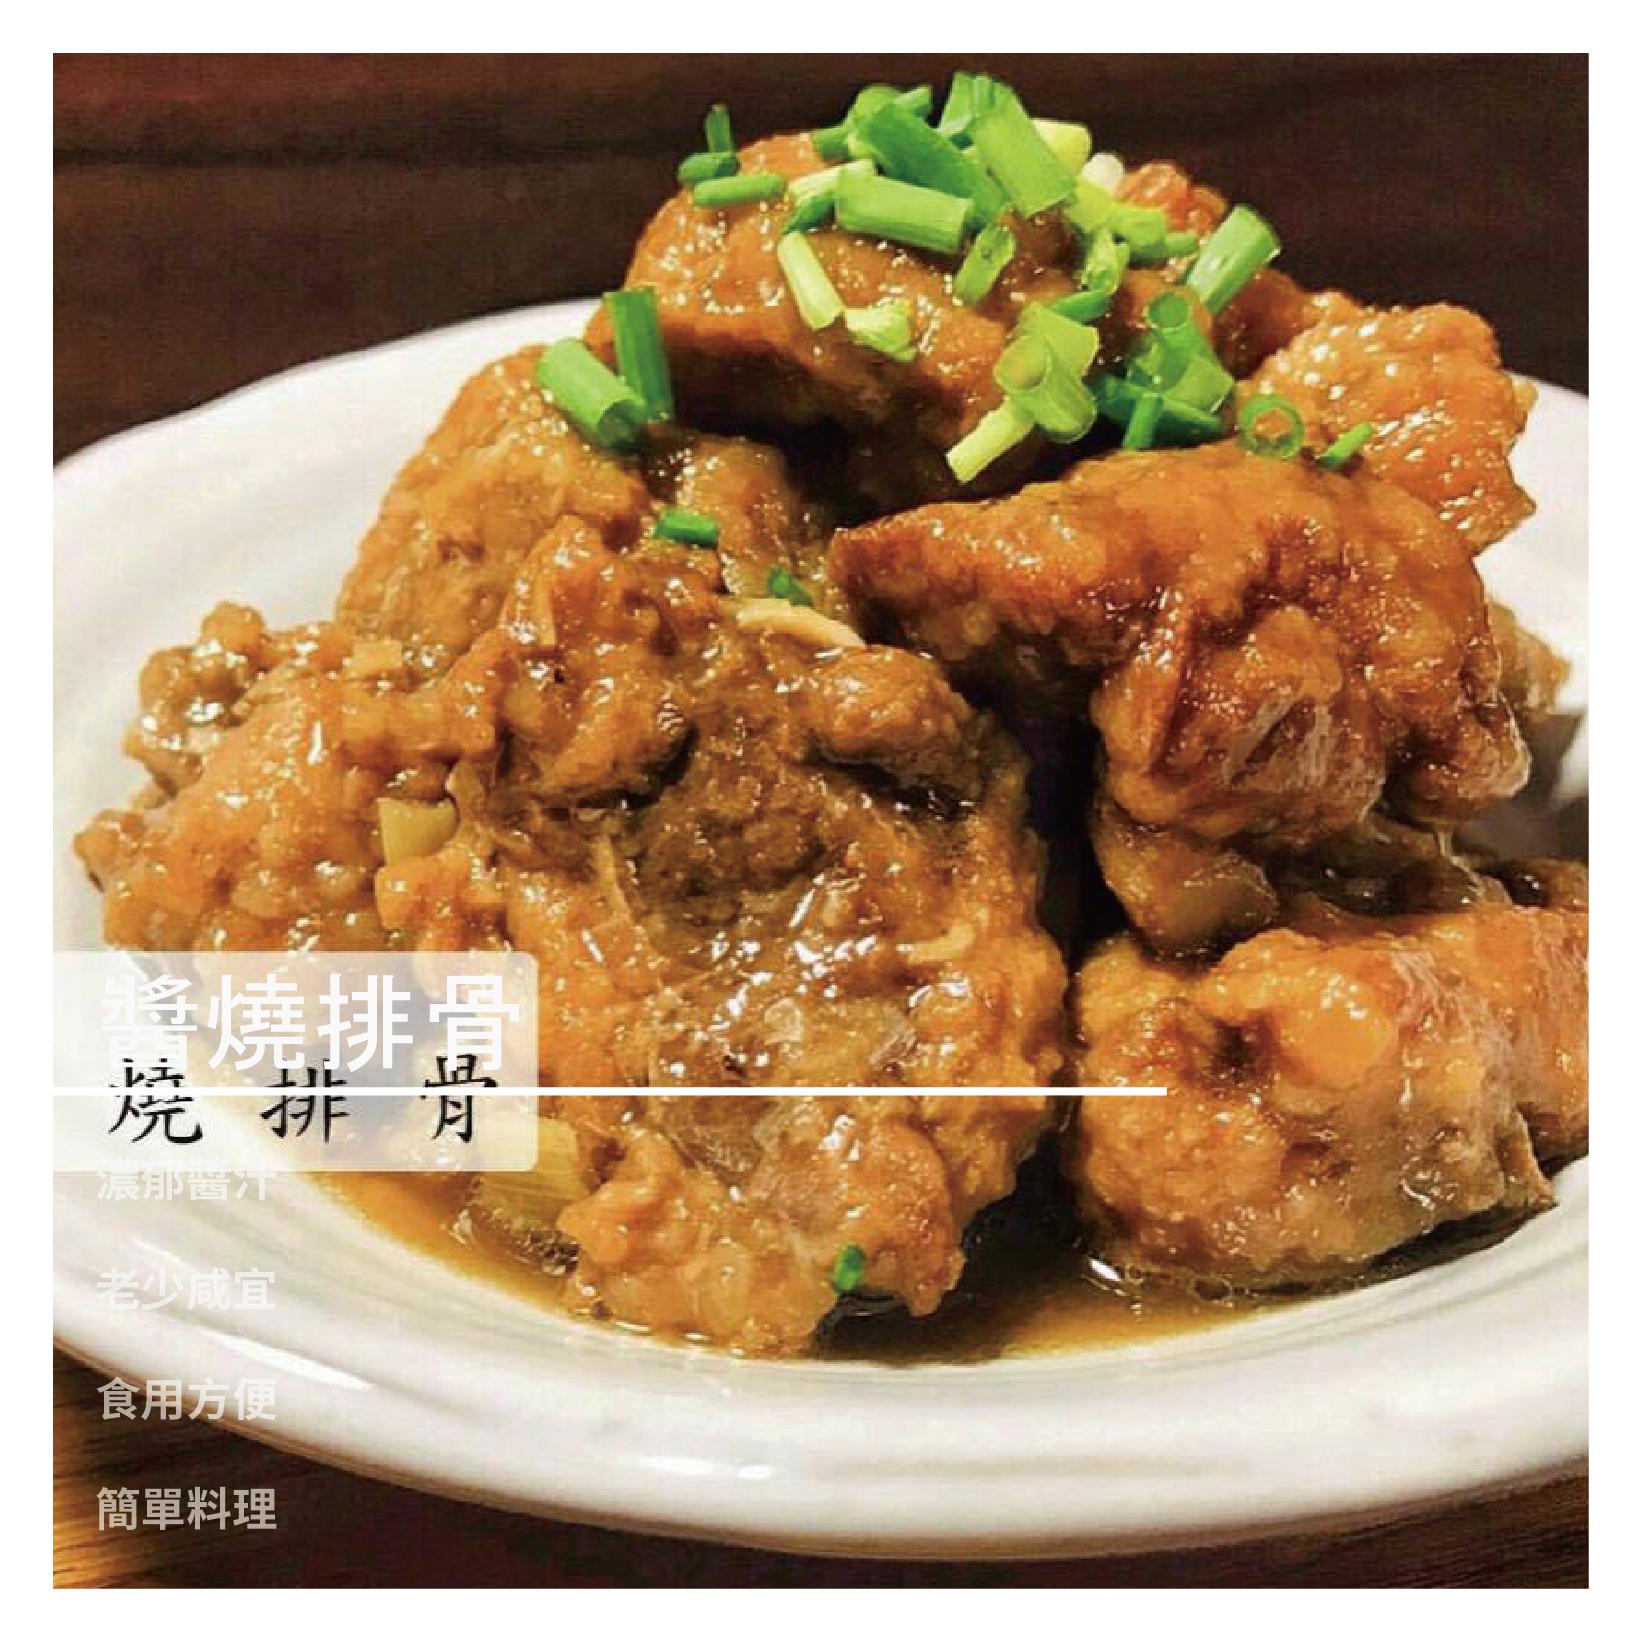 【阿祿師手作即食料理包】鹹豬肉/醬燒排骨